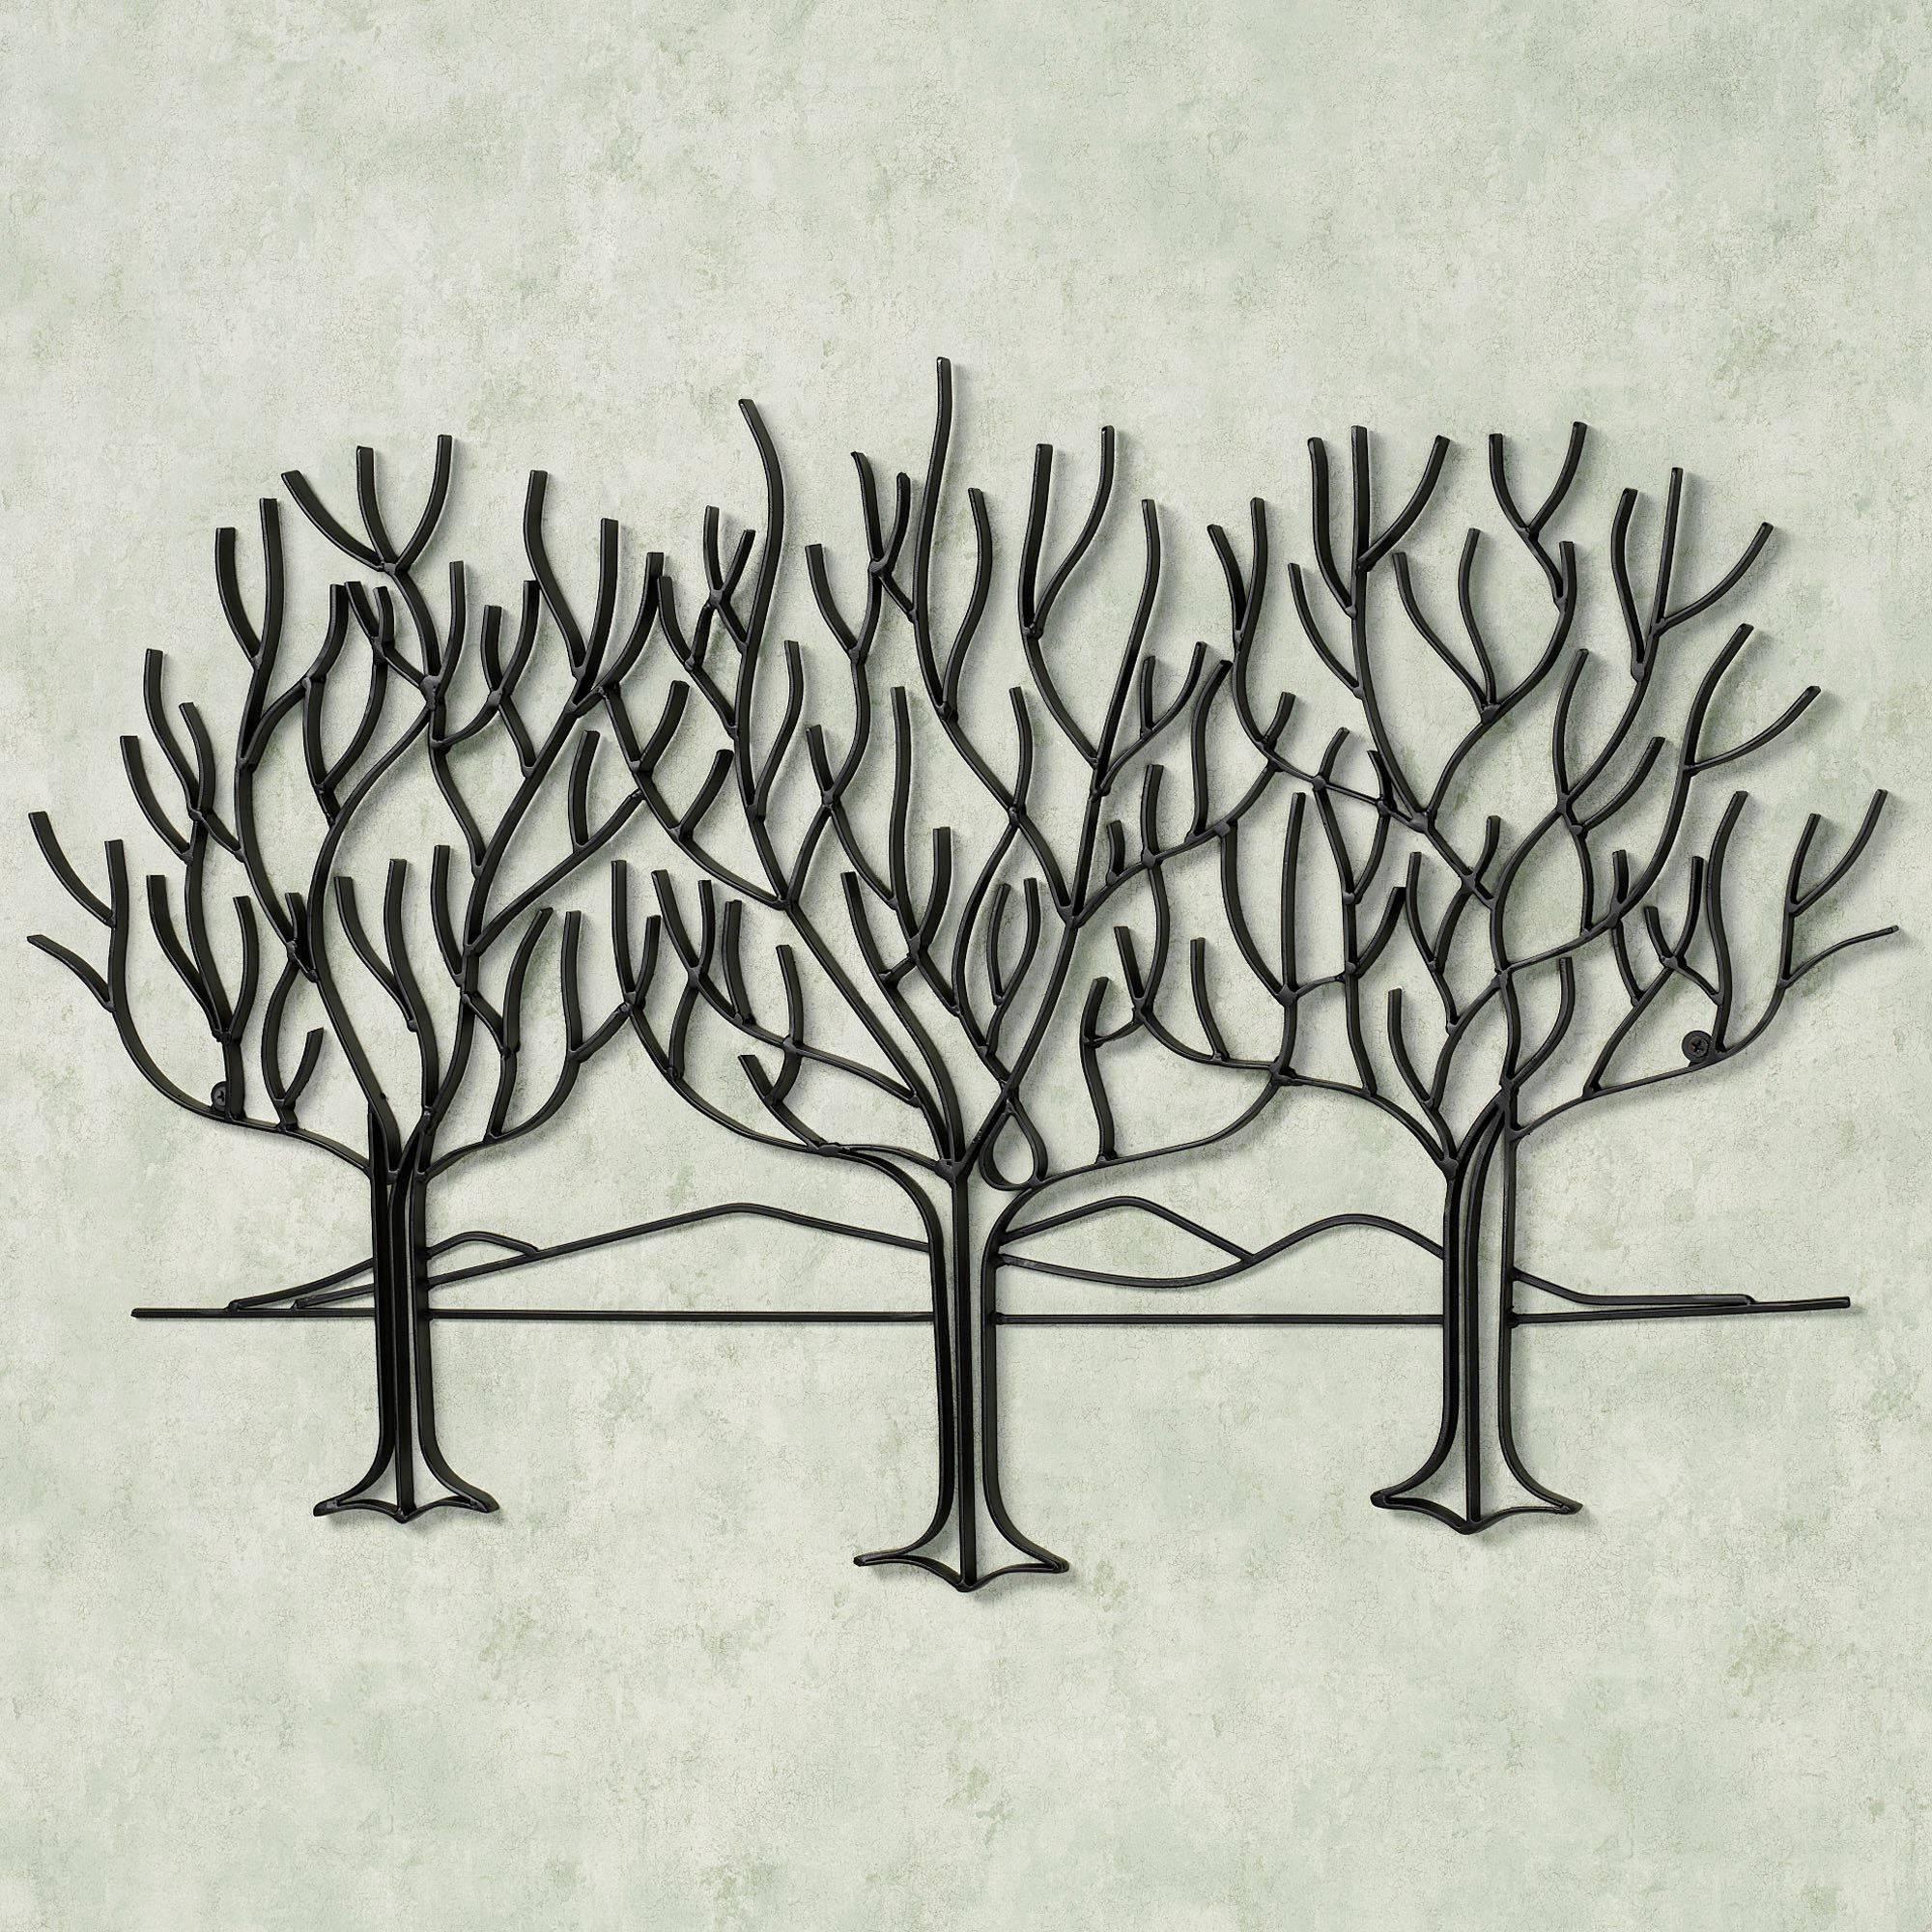 Wall Art Designs: Metal Wall Art Trees Black Metal Wall Art Olive Regarding Current Palm Tree Metal Wall Art (View 17 of 20)